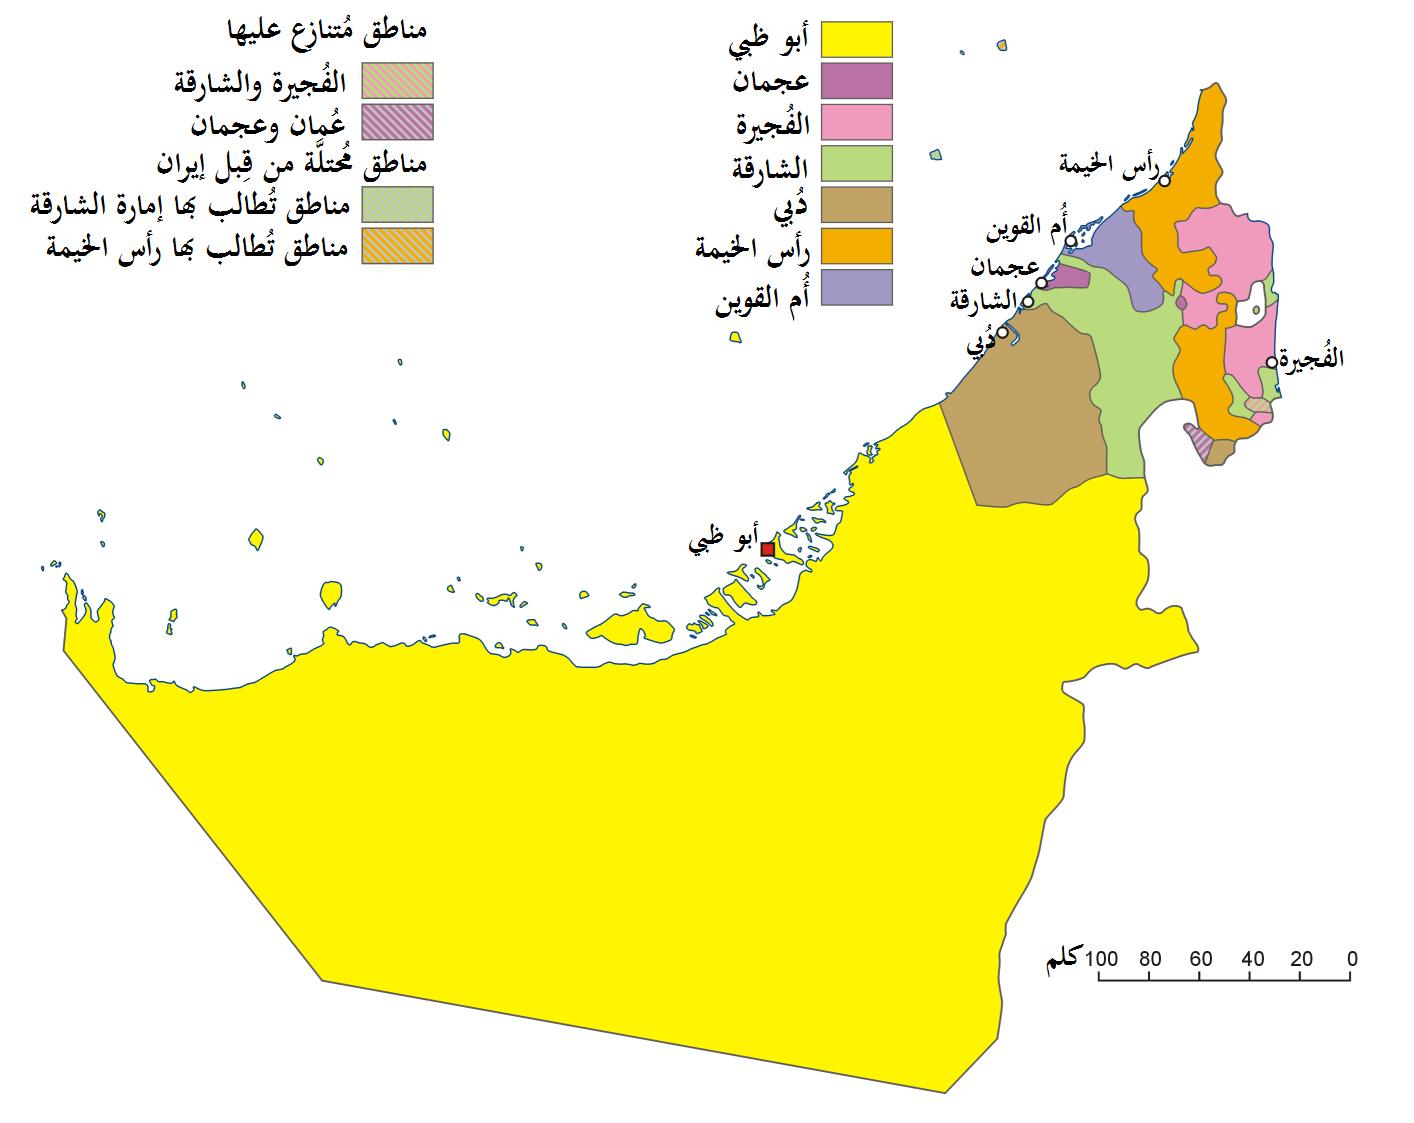 إمارات دولة الإمارات العربية المتحدة ويكيبيديا